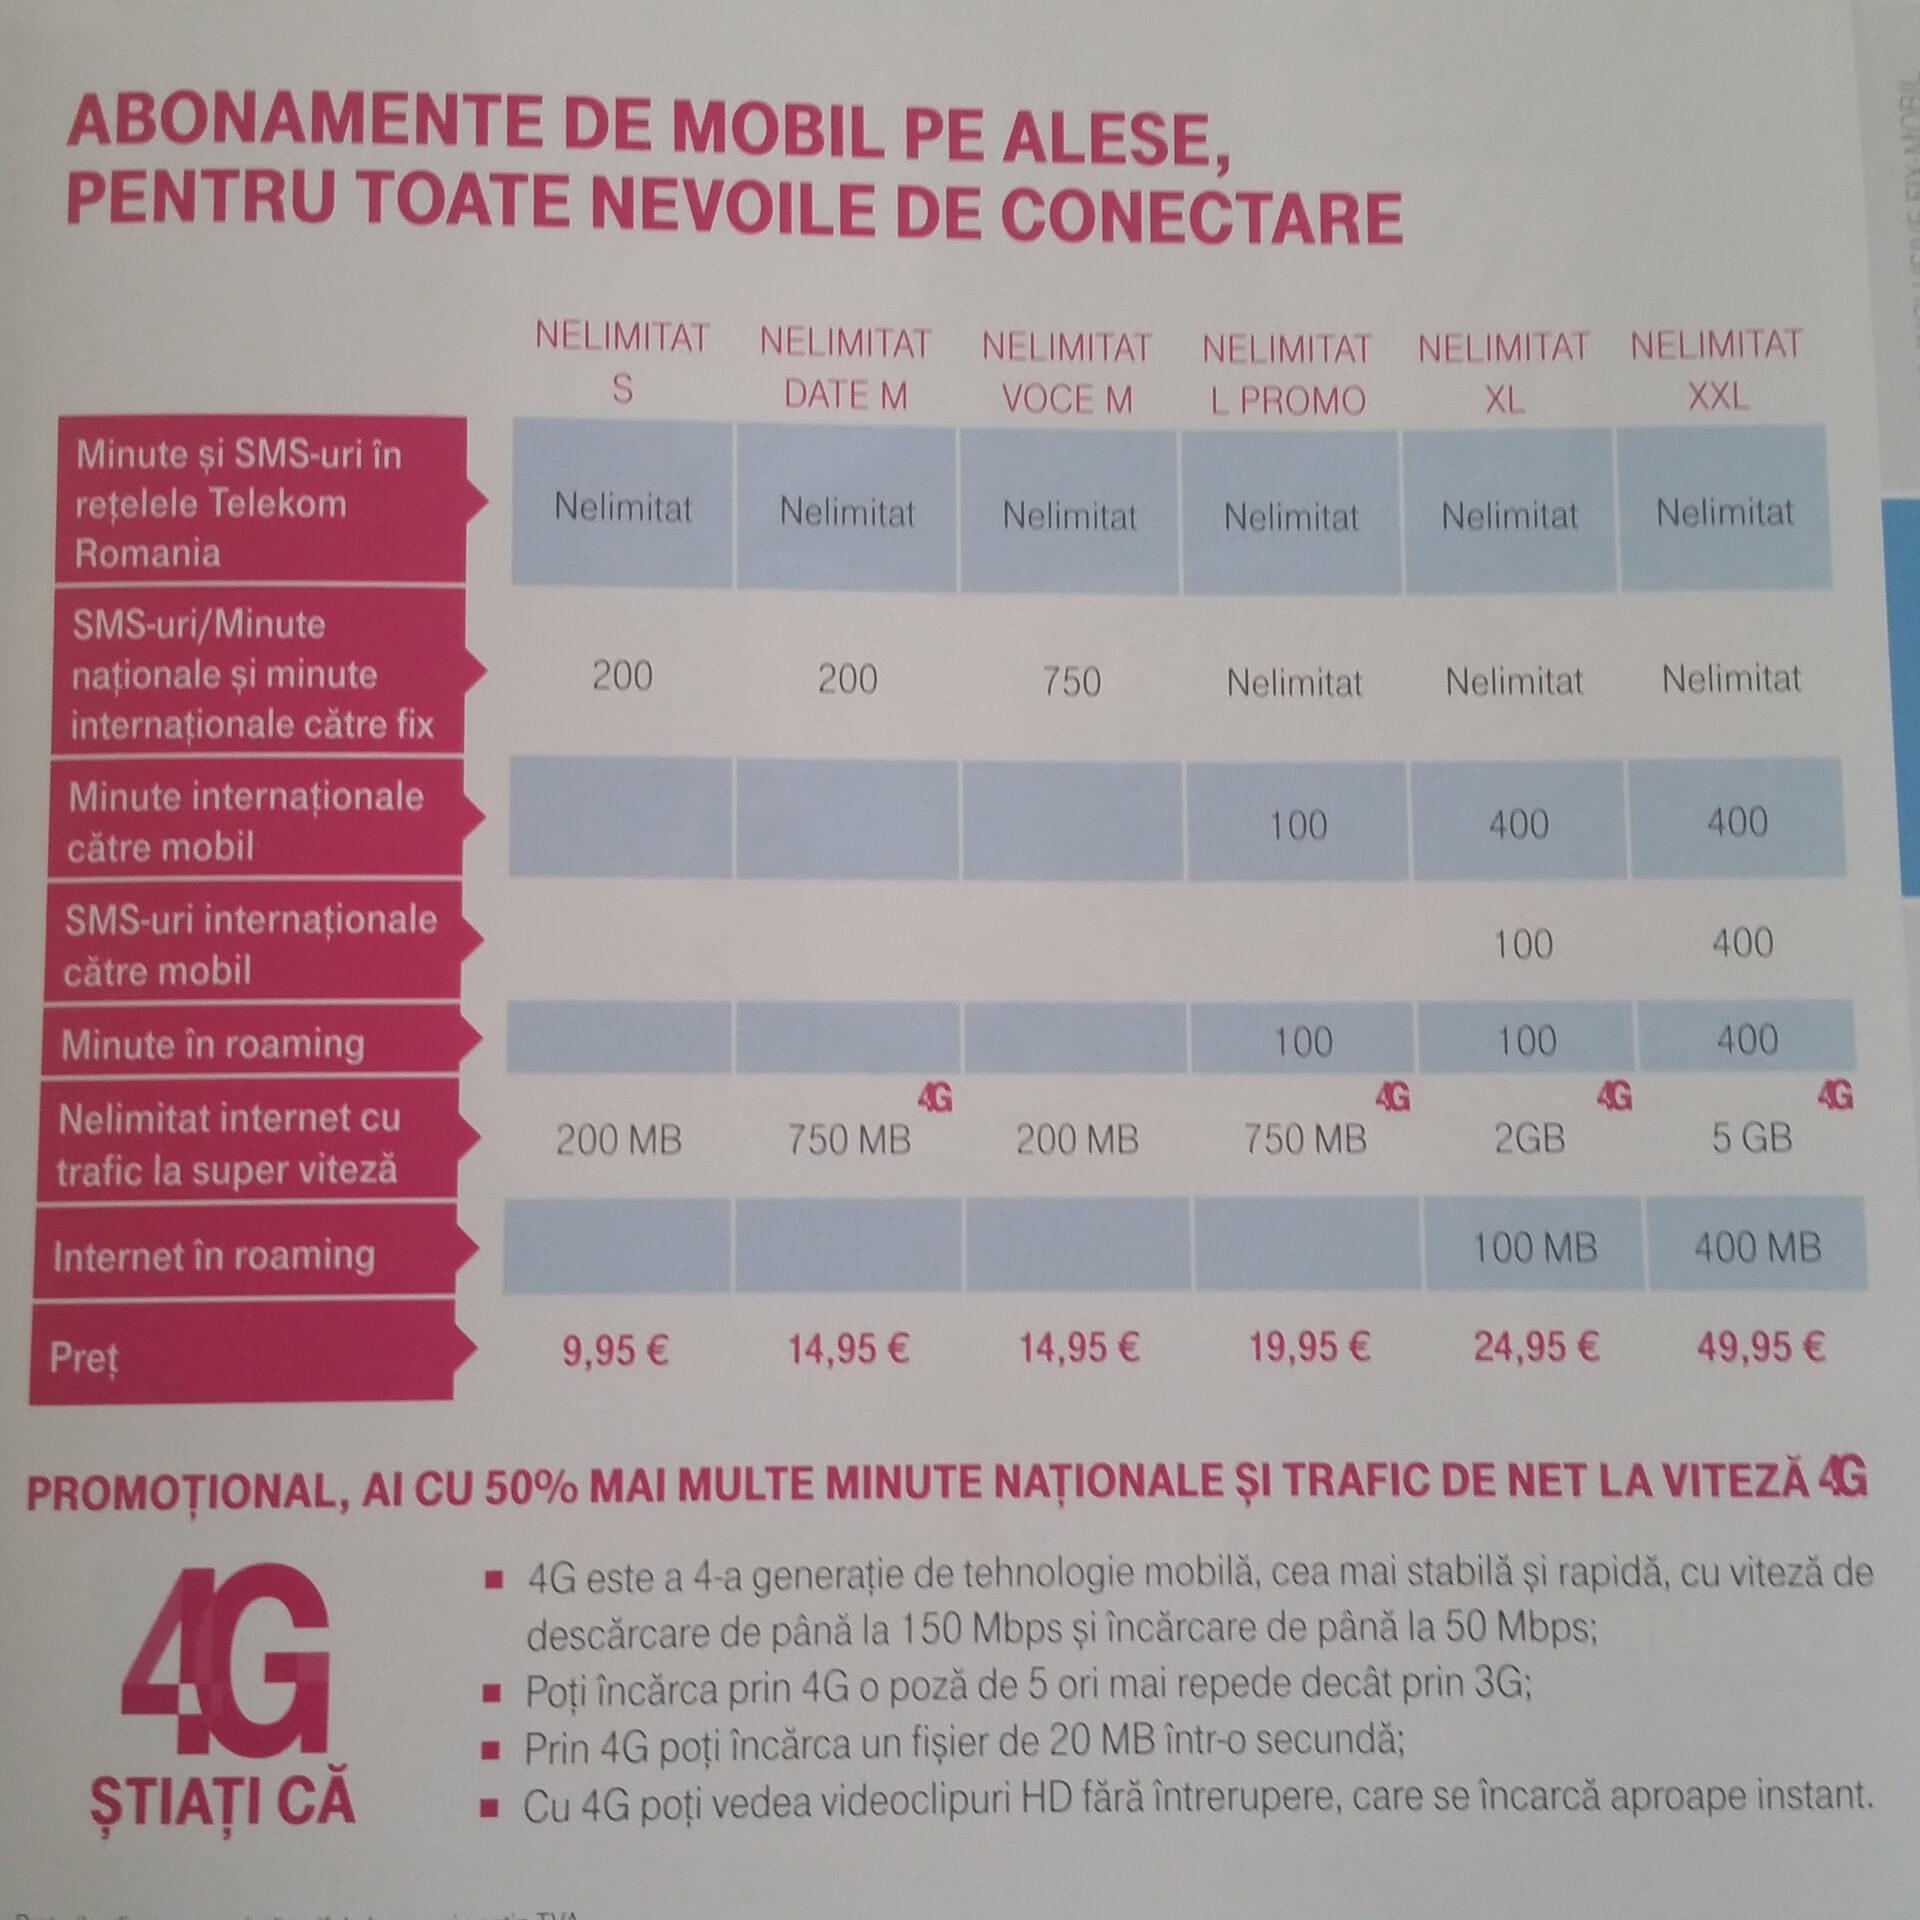 Telekom in Romania